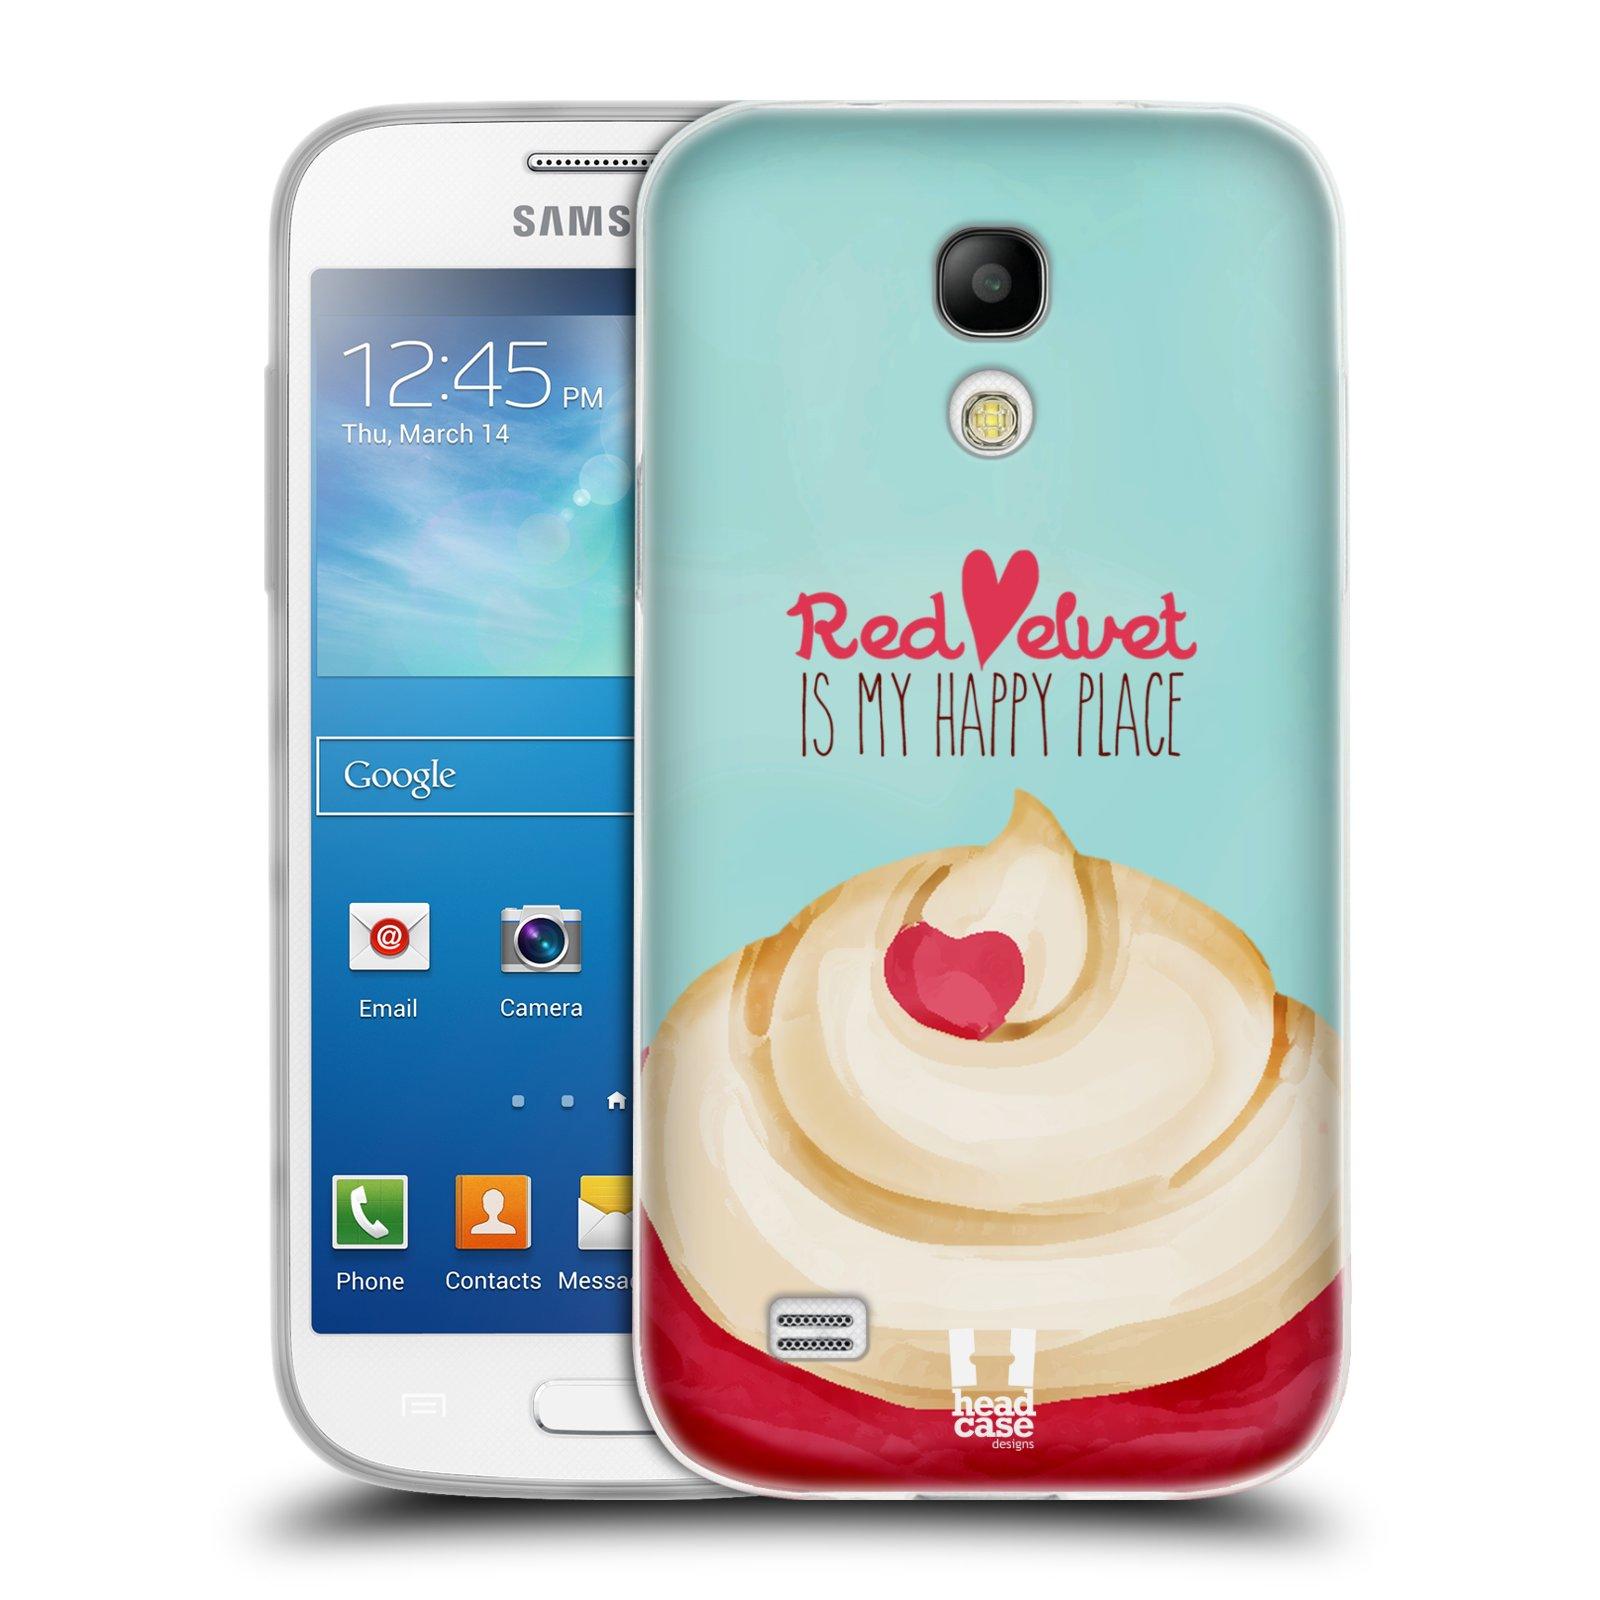 Silikonové pouzdro na mobil Samsung Galaxy S4 Mini HEAD CASE CUPCAKE RED VELVET (Silikonový kryt či obal na mobilní telefon Samsung Galaxy S4 Mini GT-i9195 / i9190 (nepasuje na verzi Black Edition))